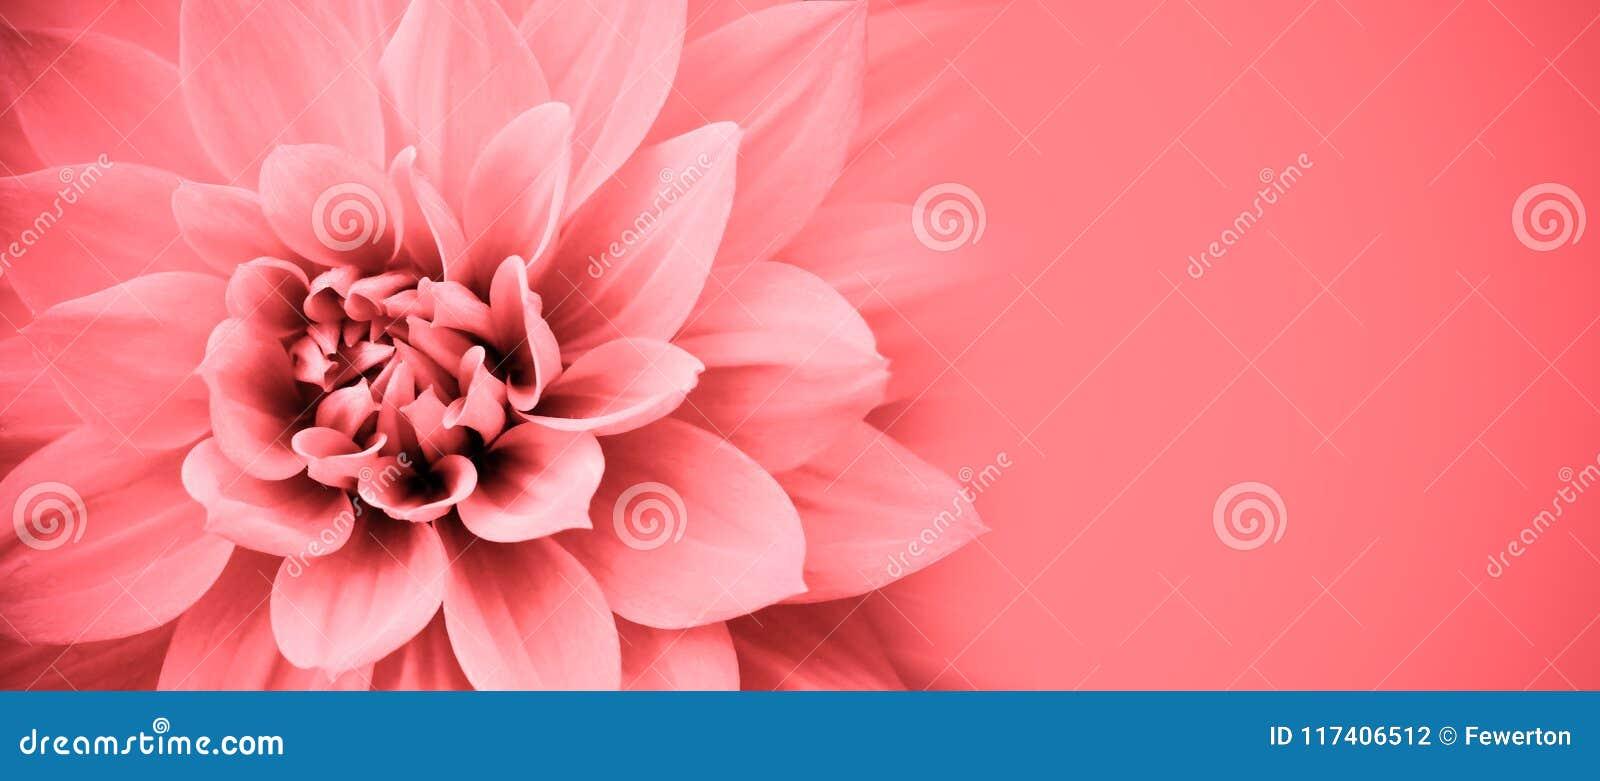 Rosa ram för gräns för foto för makro för dahliablommadetaljer med bred banerbakgrund för meddelande bröllop för rengöringsduk fö